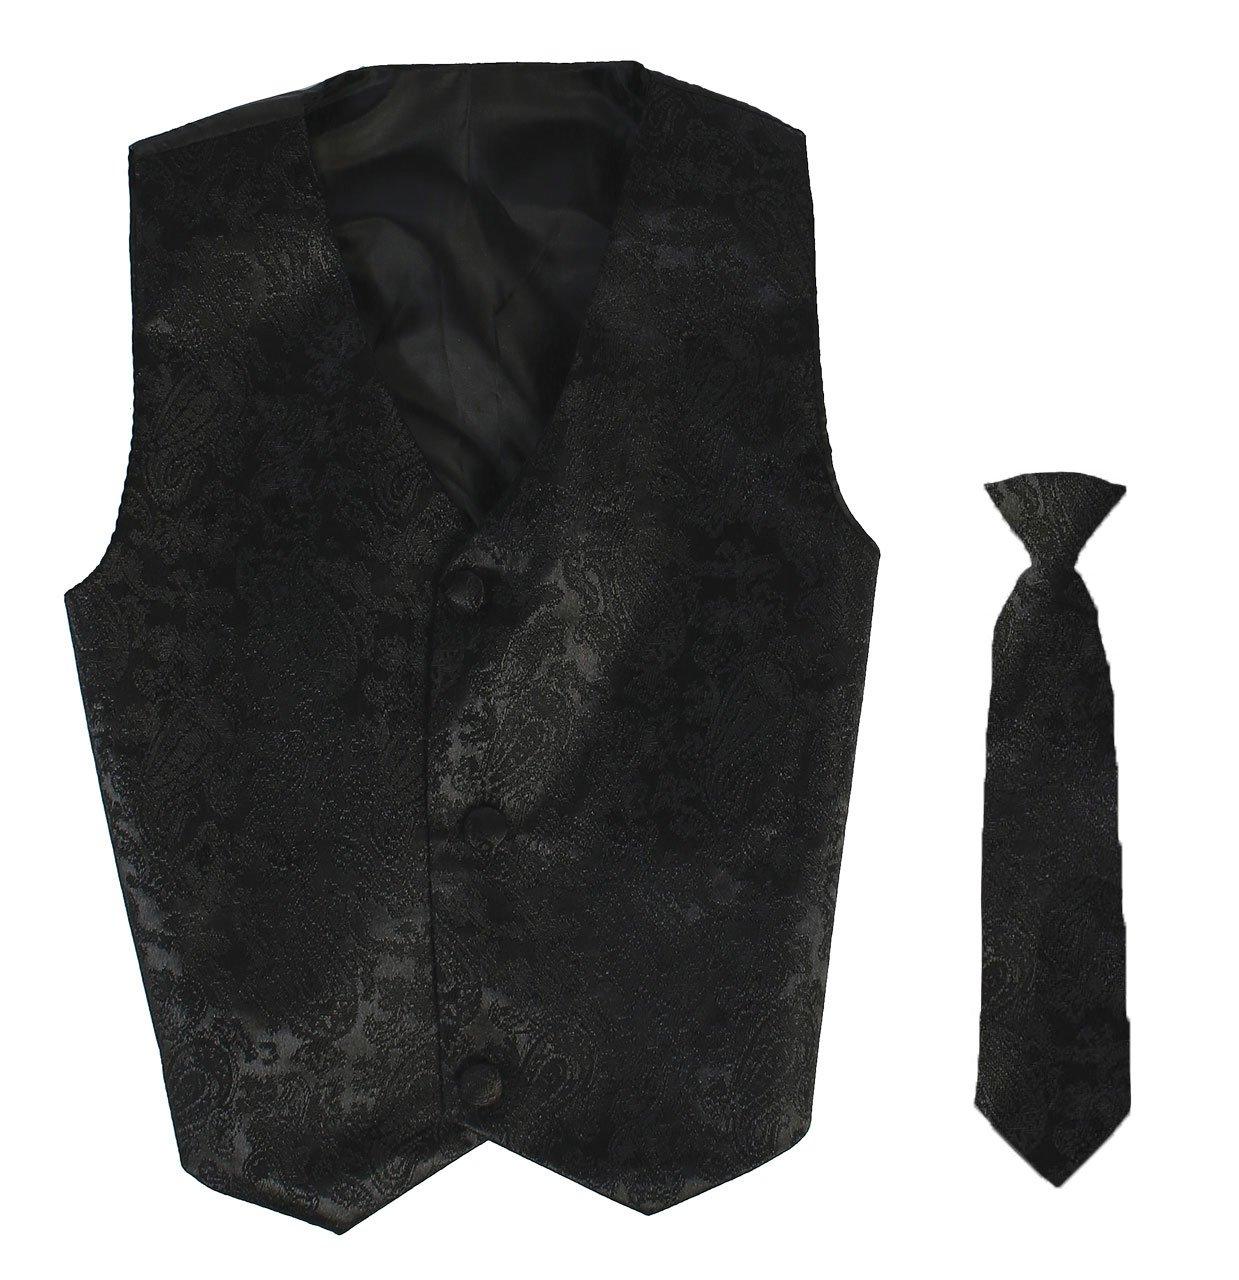 Vest and Clip On Boy Necktie set - Black Paisley - L/XL